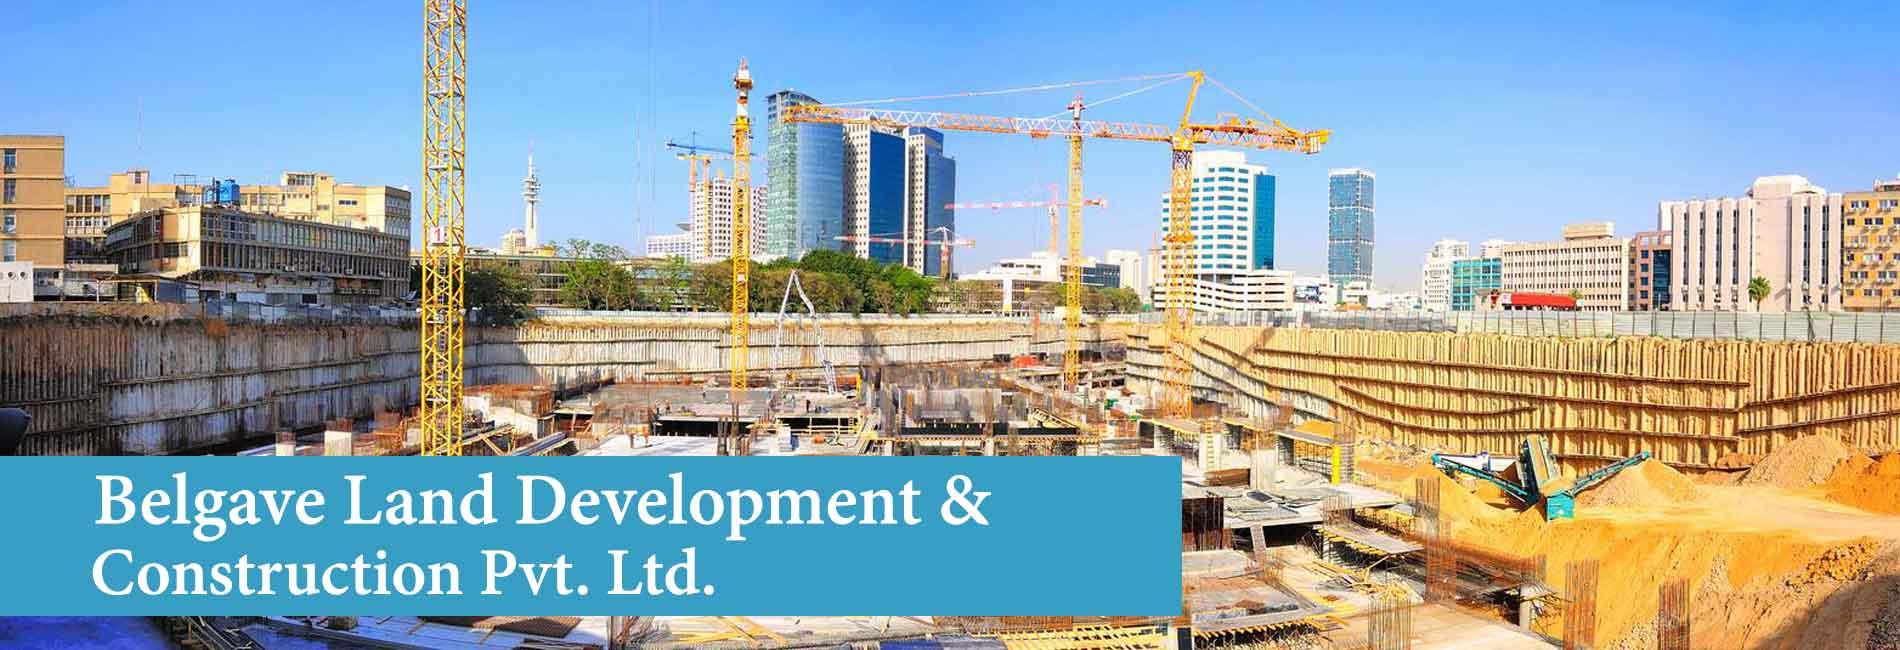 landdevelopment-slide